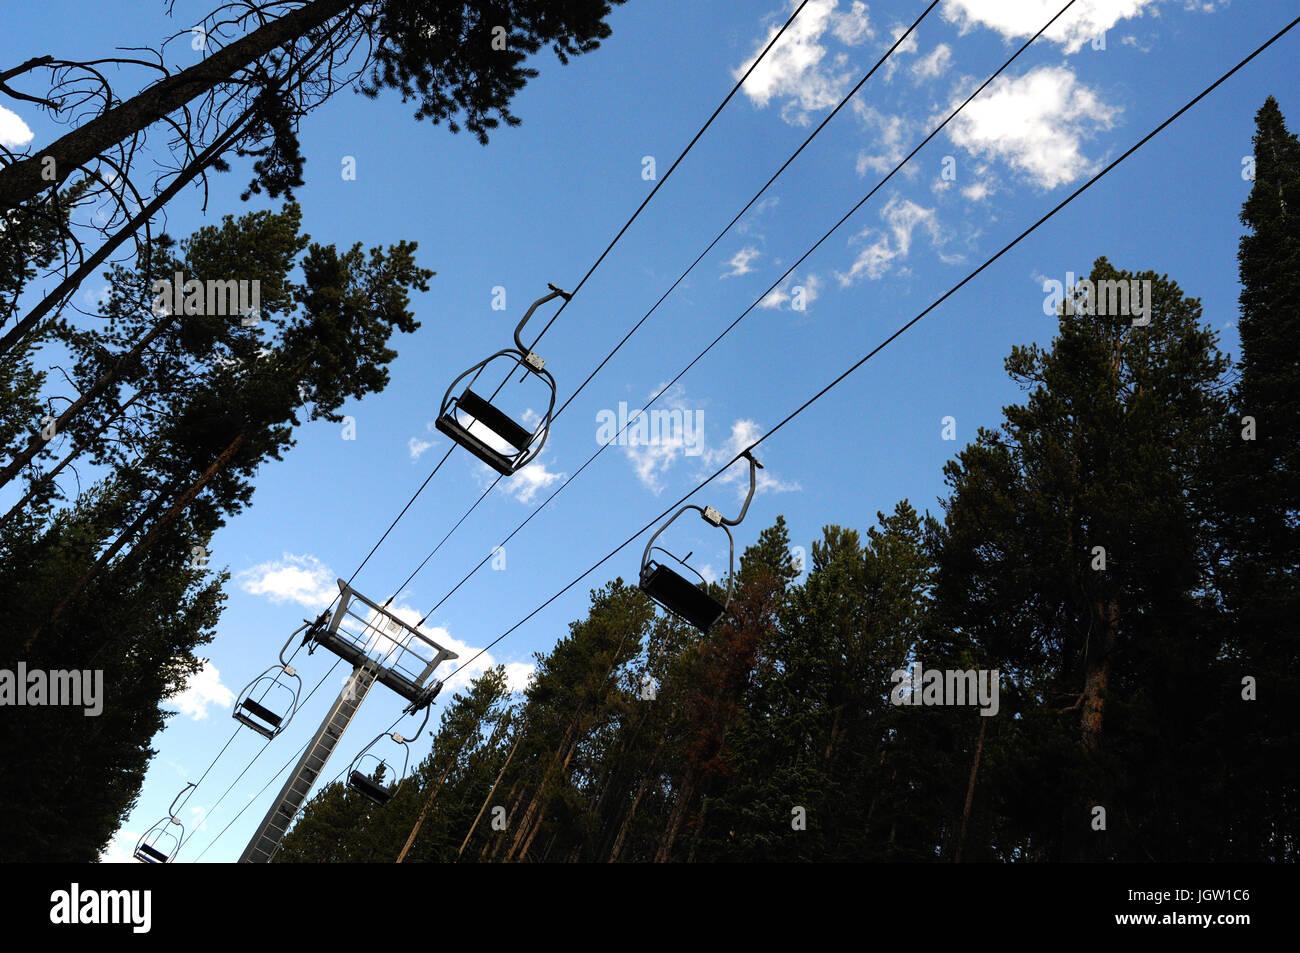 Remontées mécaniques en été à Breckenridge, Colorado, USA Banque D'Images